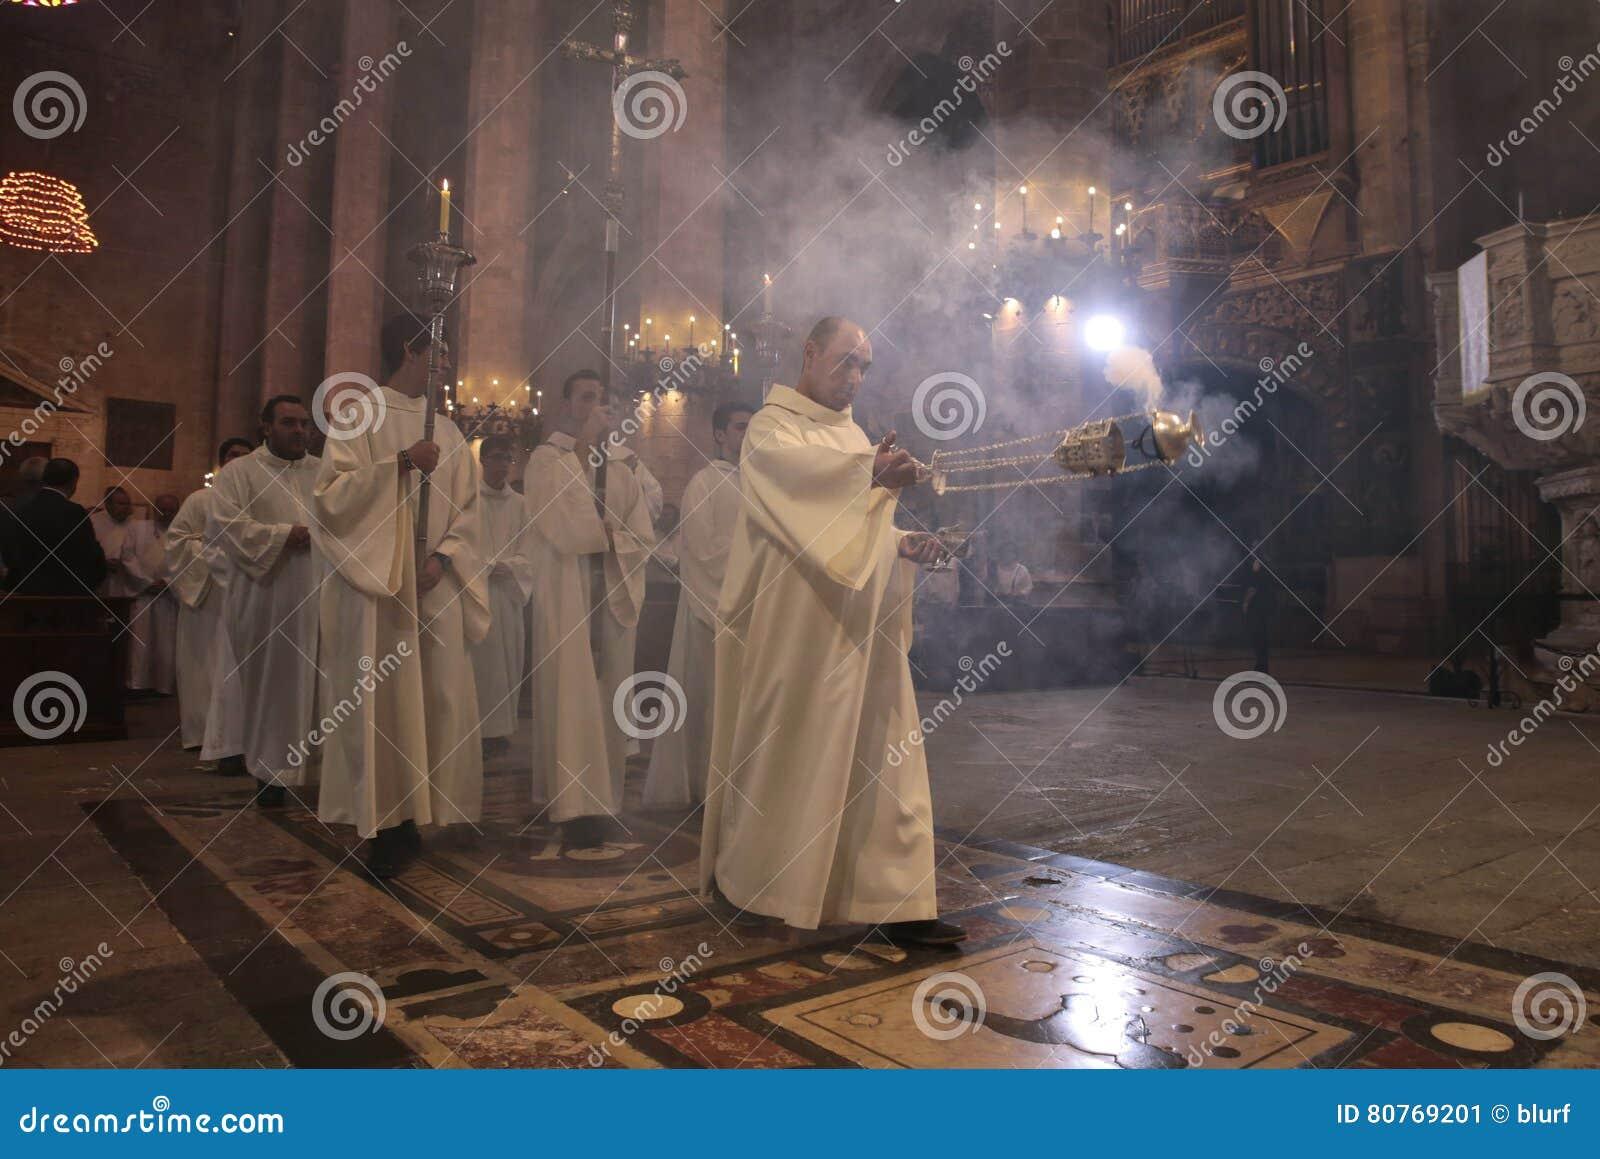 Sacerdotes y masa que entra del turíbulo del incienso